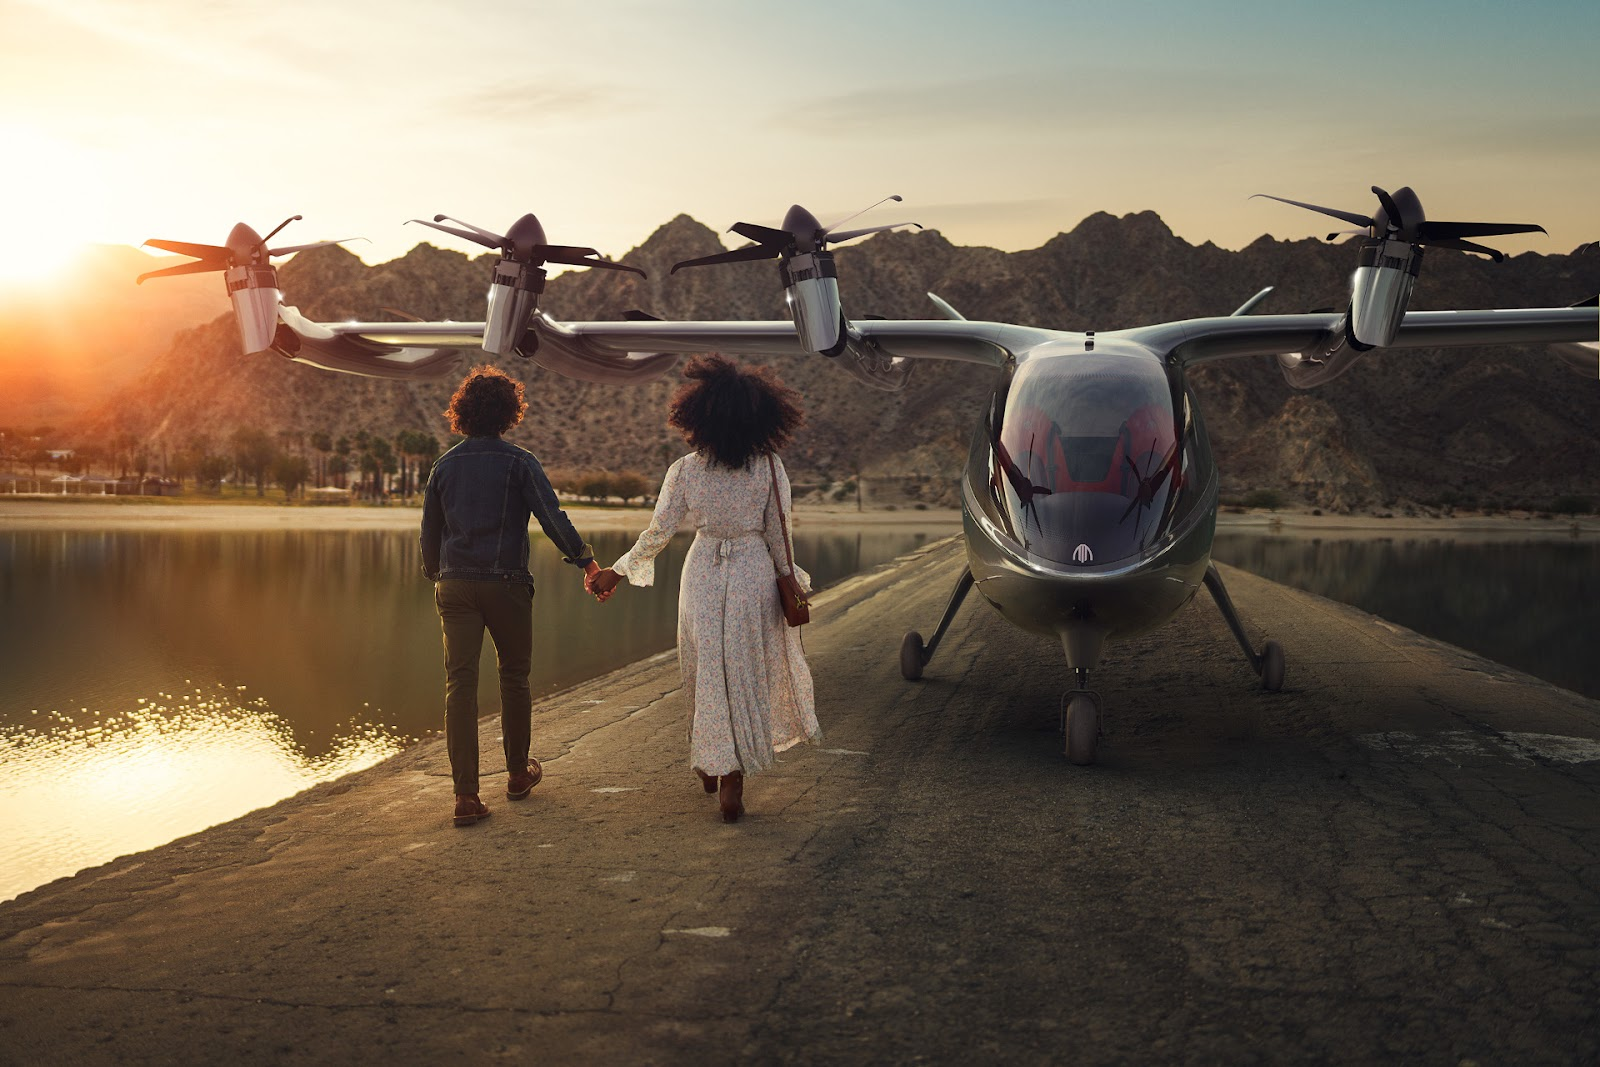 Archer espera lançar serviço de mobilidade urbana aérea em Los Angeles e Miami a partir de 2024. (Fonte: Archer/Divulgação)